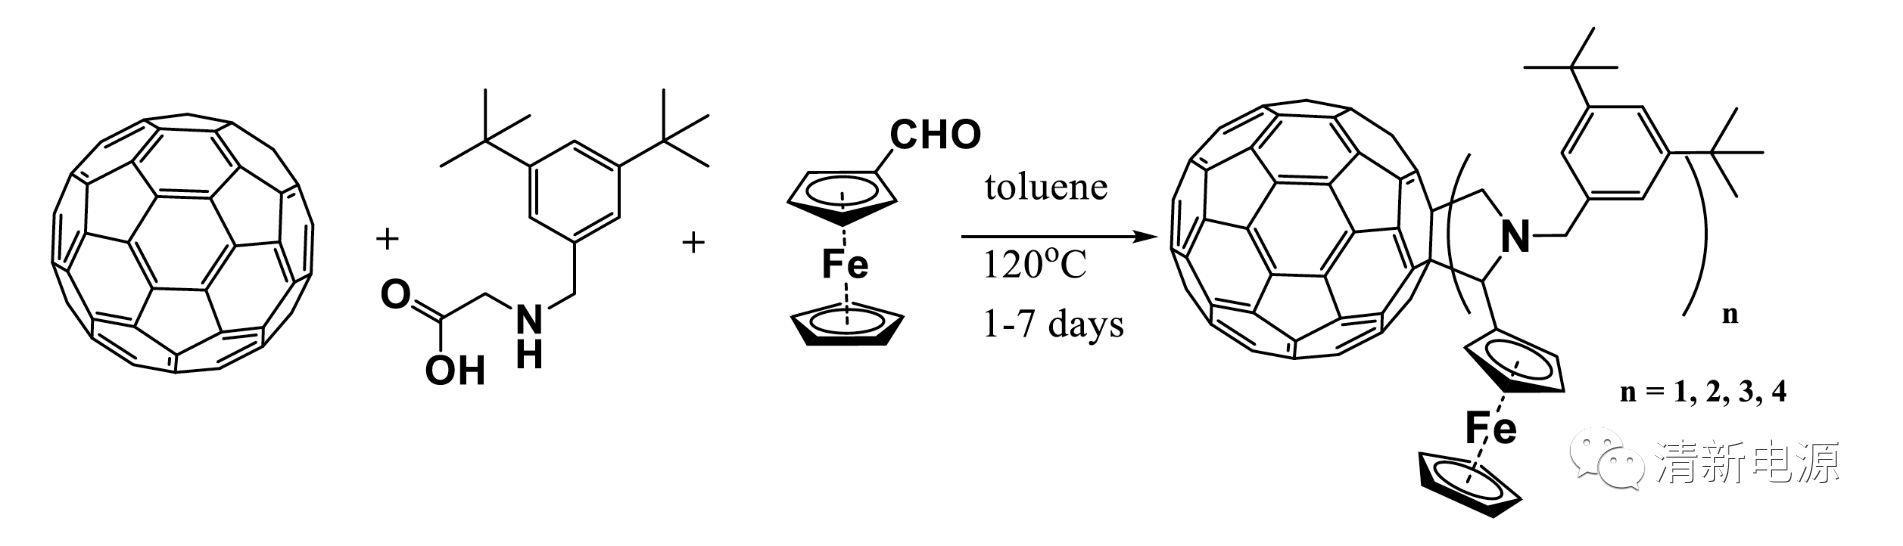 最新JACS解读:全富勒烯基氧化还原液流电池